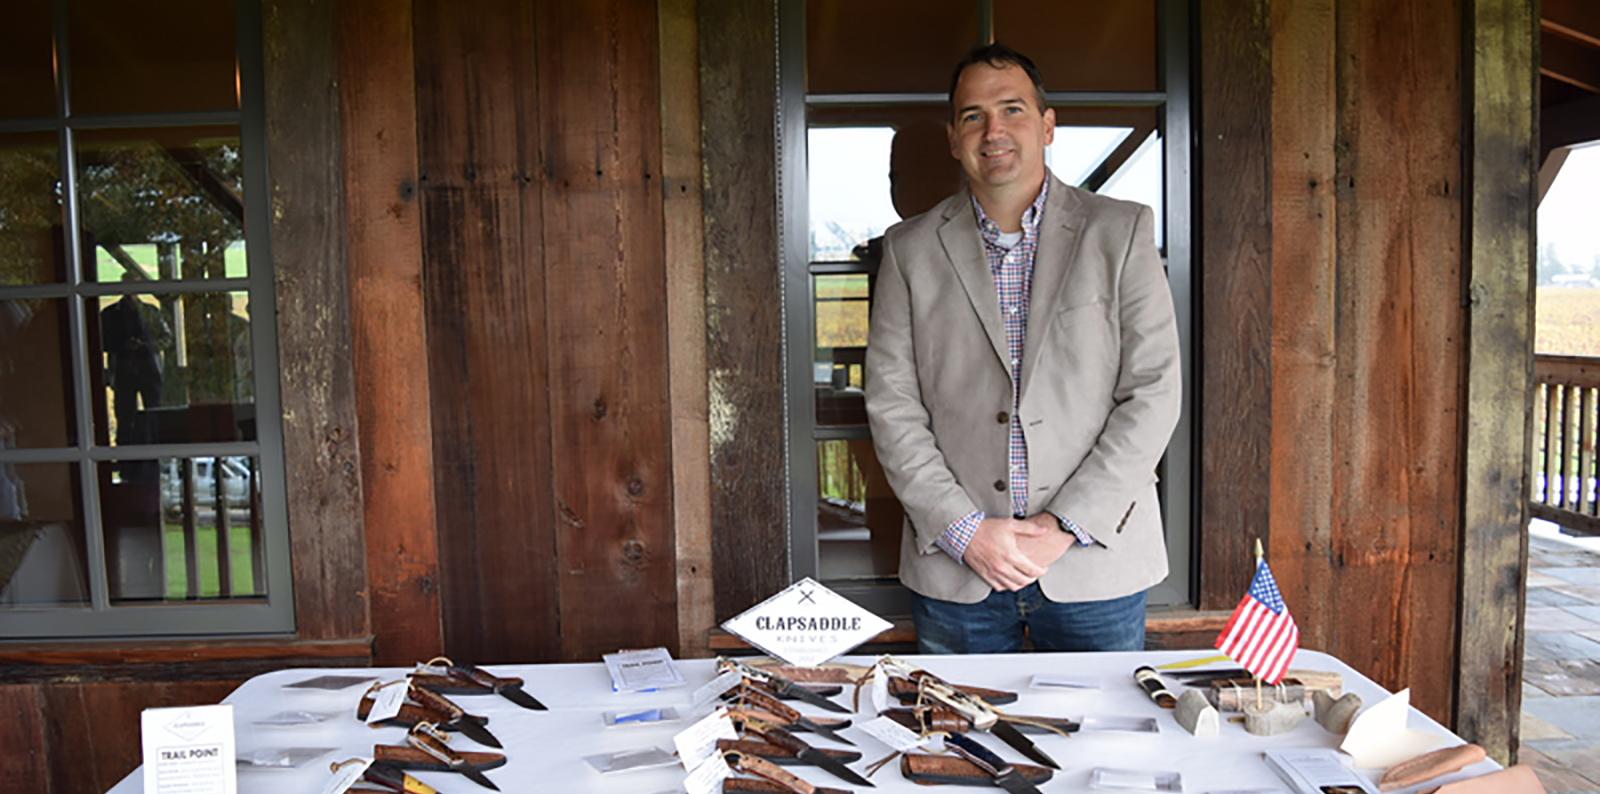 Vetreprenuer Justin Clapsaddle, Clapsaddle Custom Knives - Veteran Owned Business